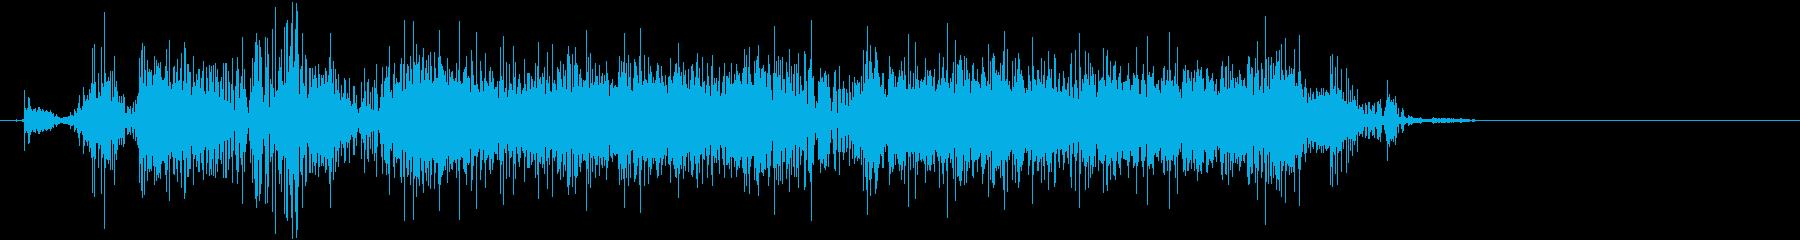 ゾンビ、怪物、モンスターのうめき声の再生済みの波形